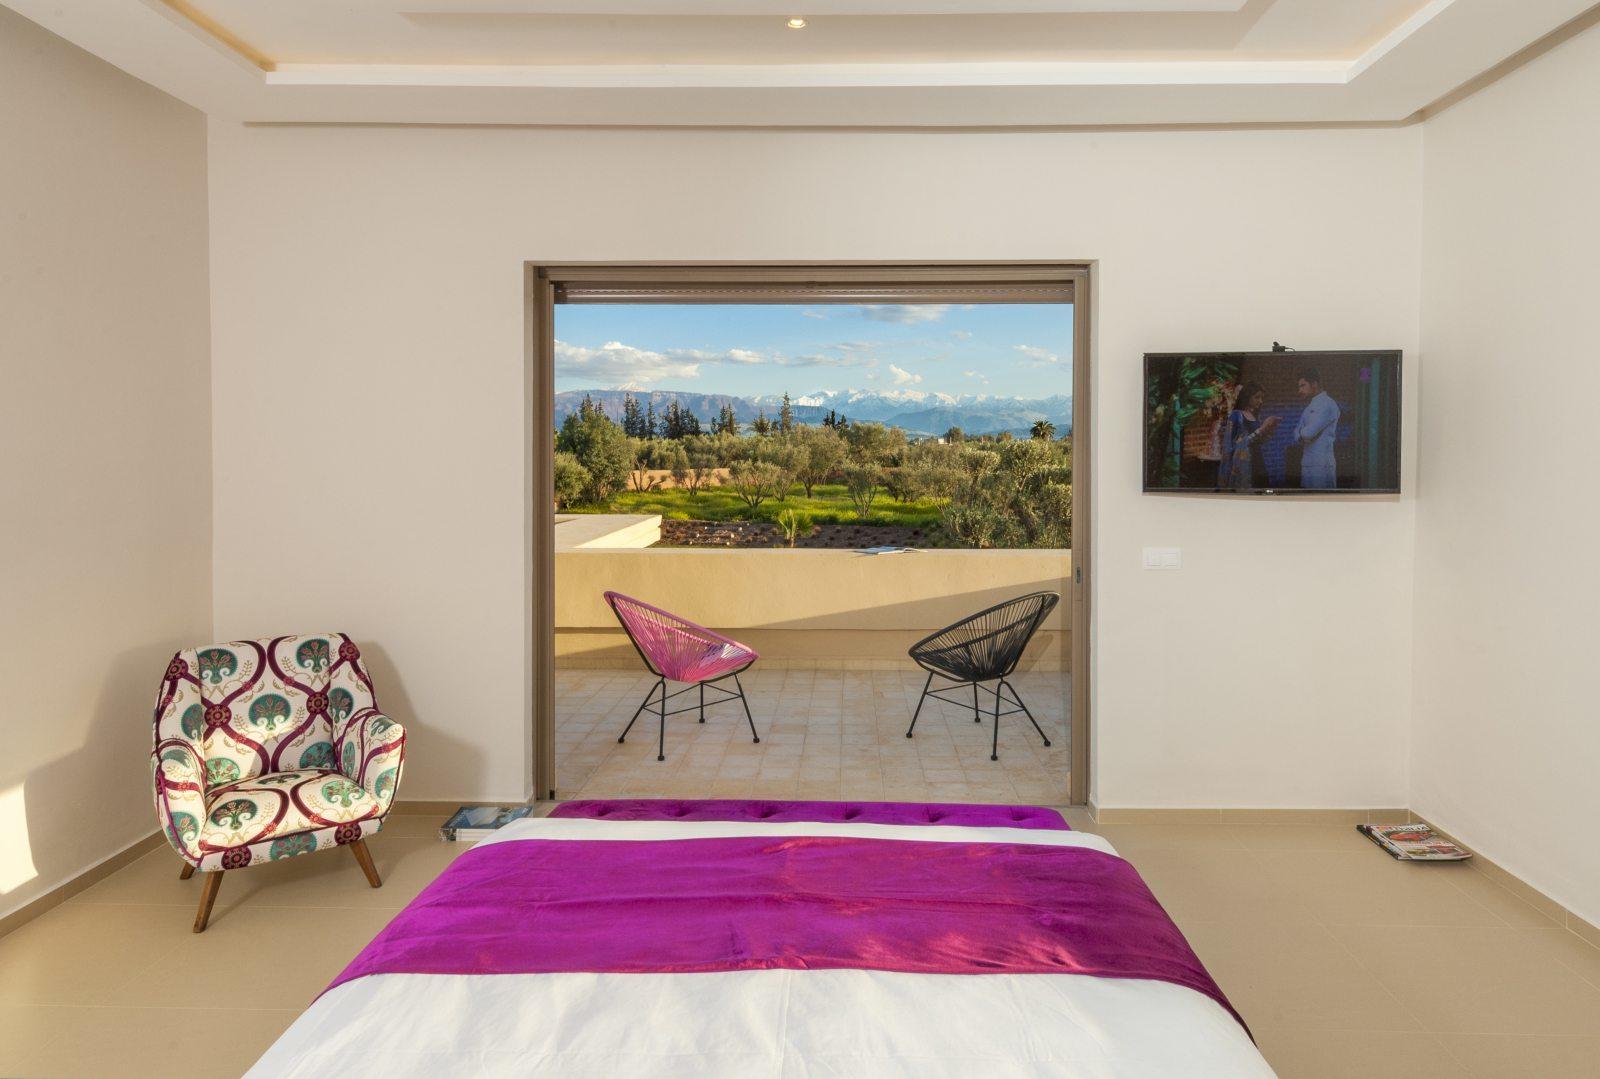 villa-contemporaine-a-vendre-piscine-parc-paysagervilla-contemporaine-a-vendre-piscine-parc-paysager